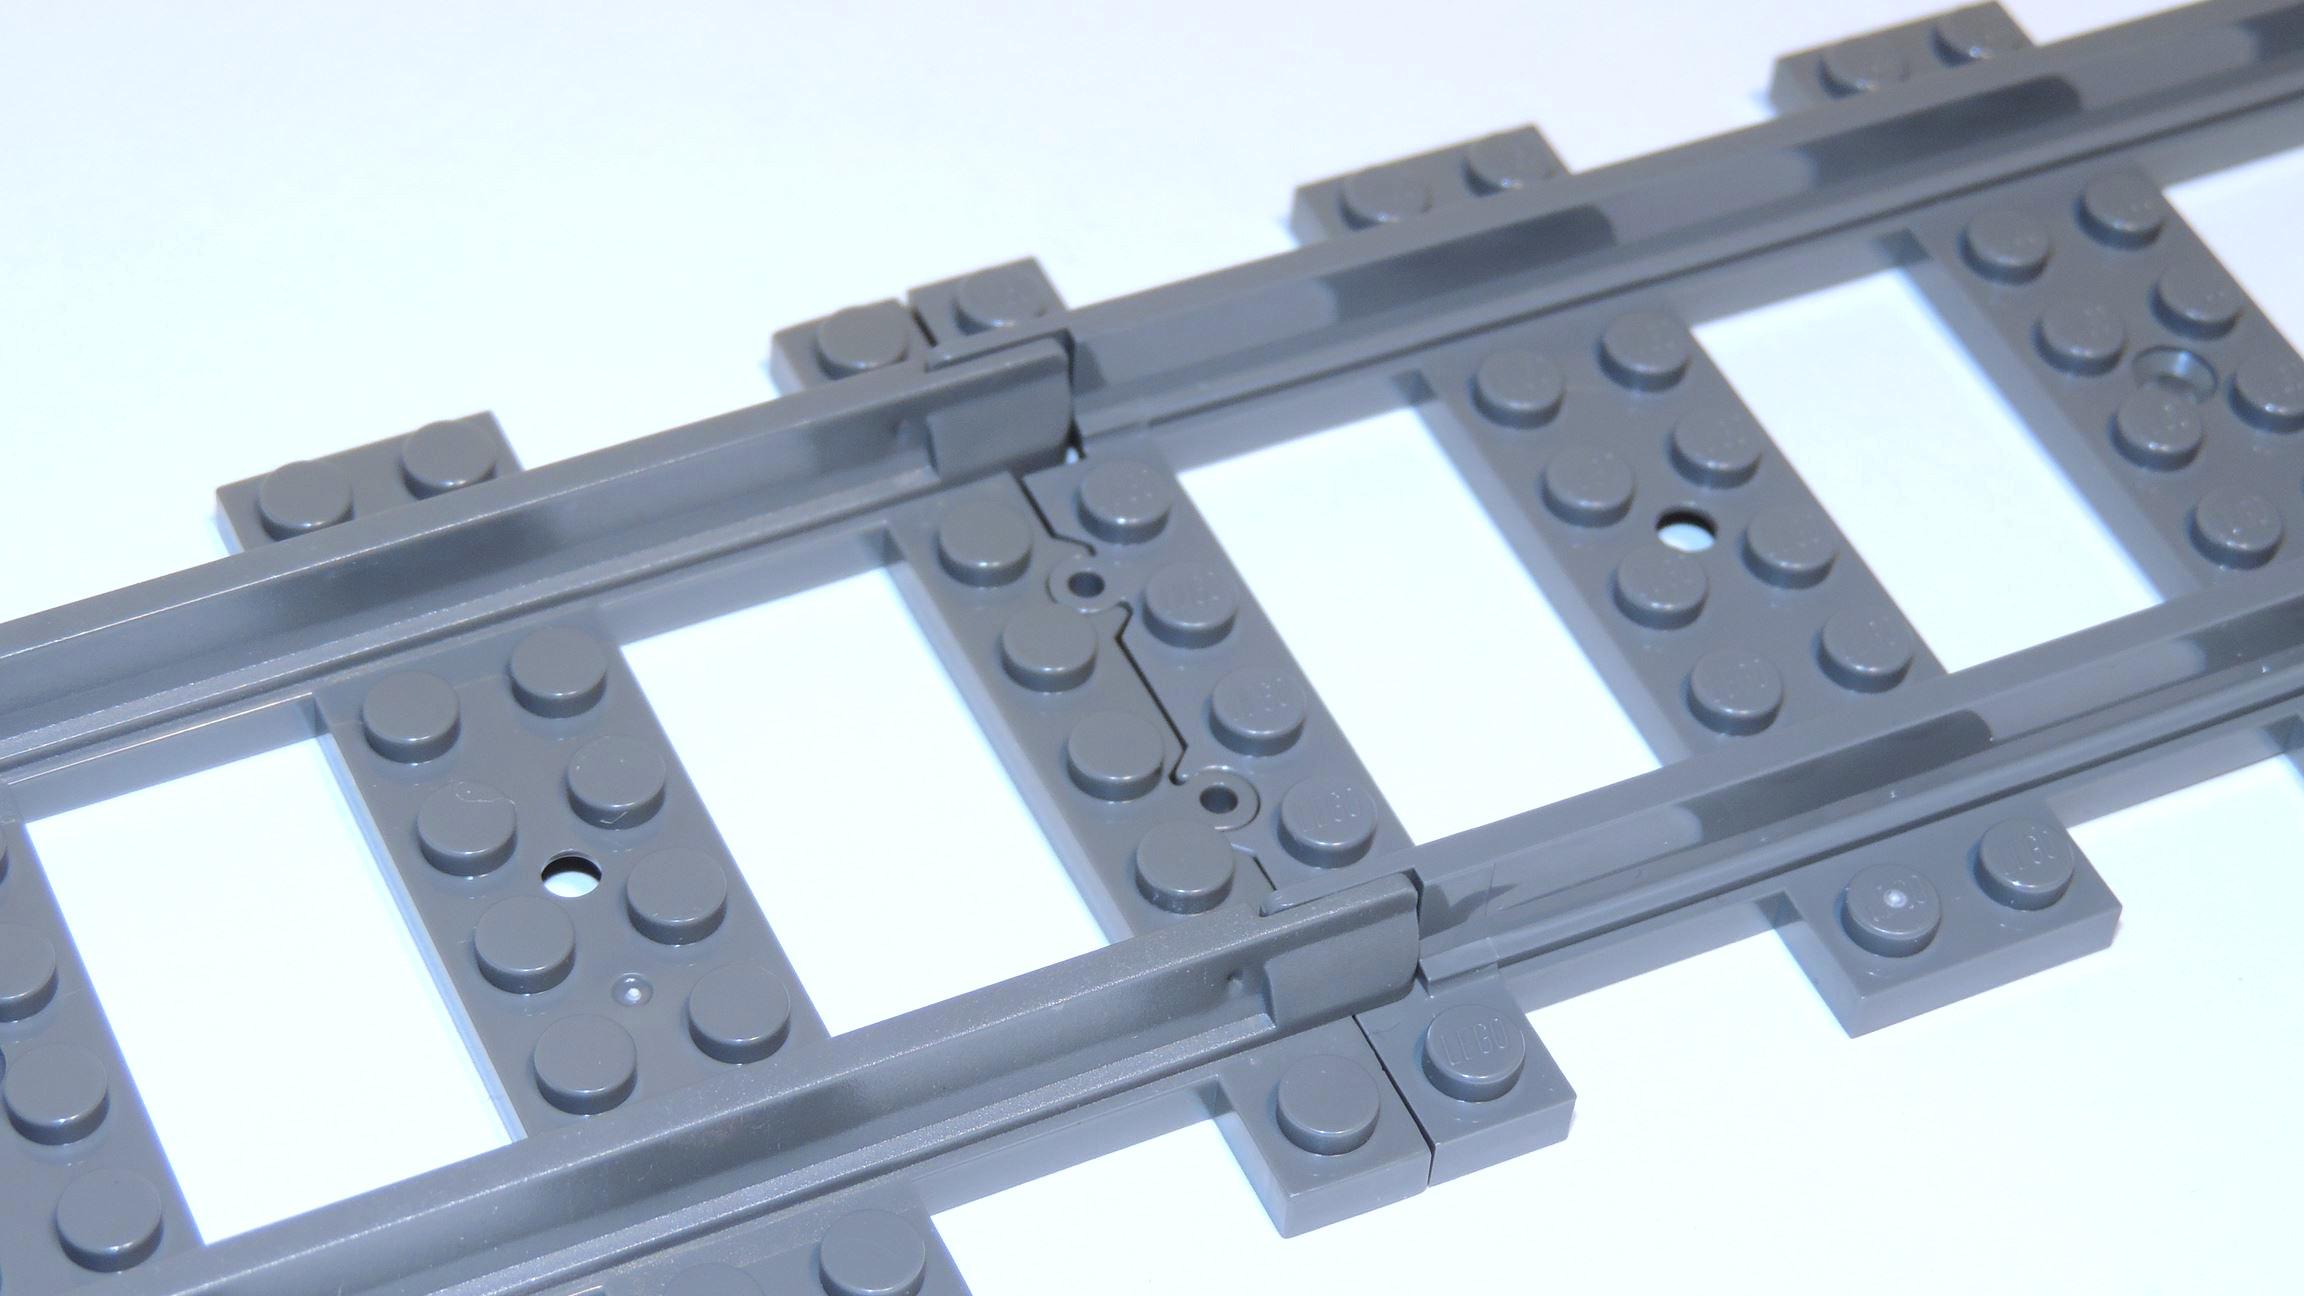 Nochmal genau im Vergleich: Links Steinchenshop matt, rechts Lego glänzend.